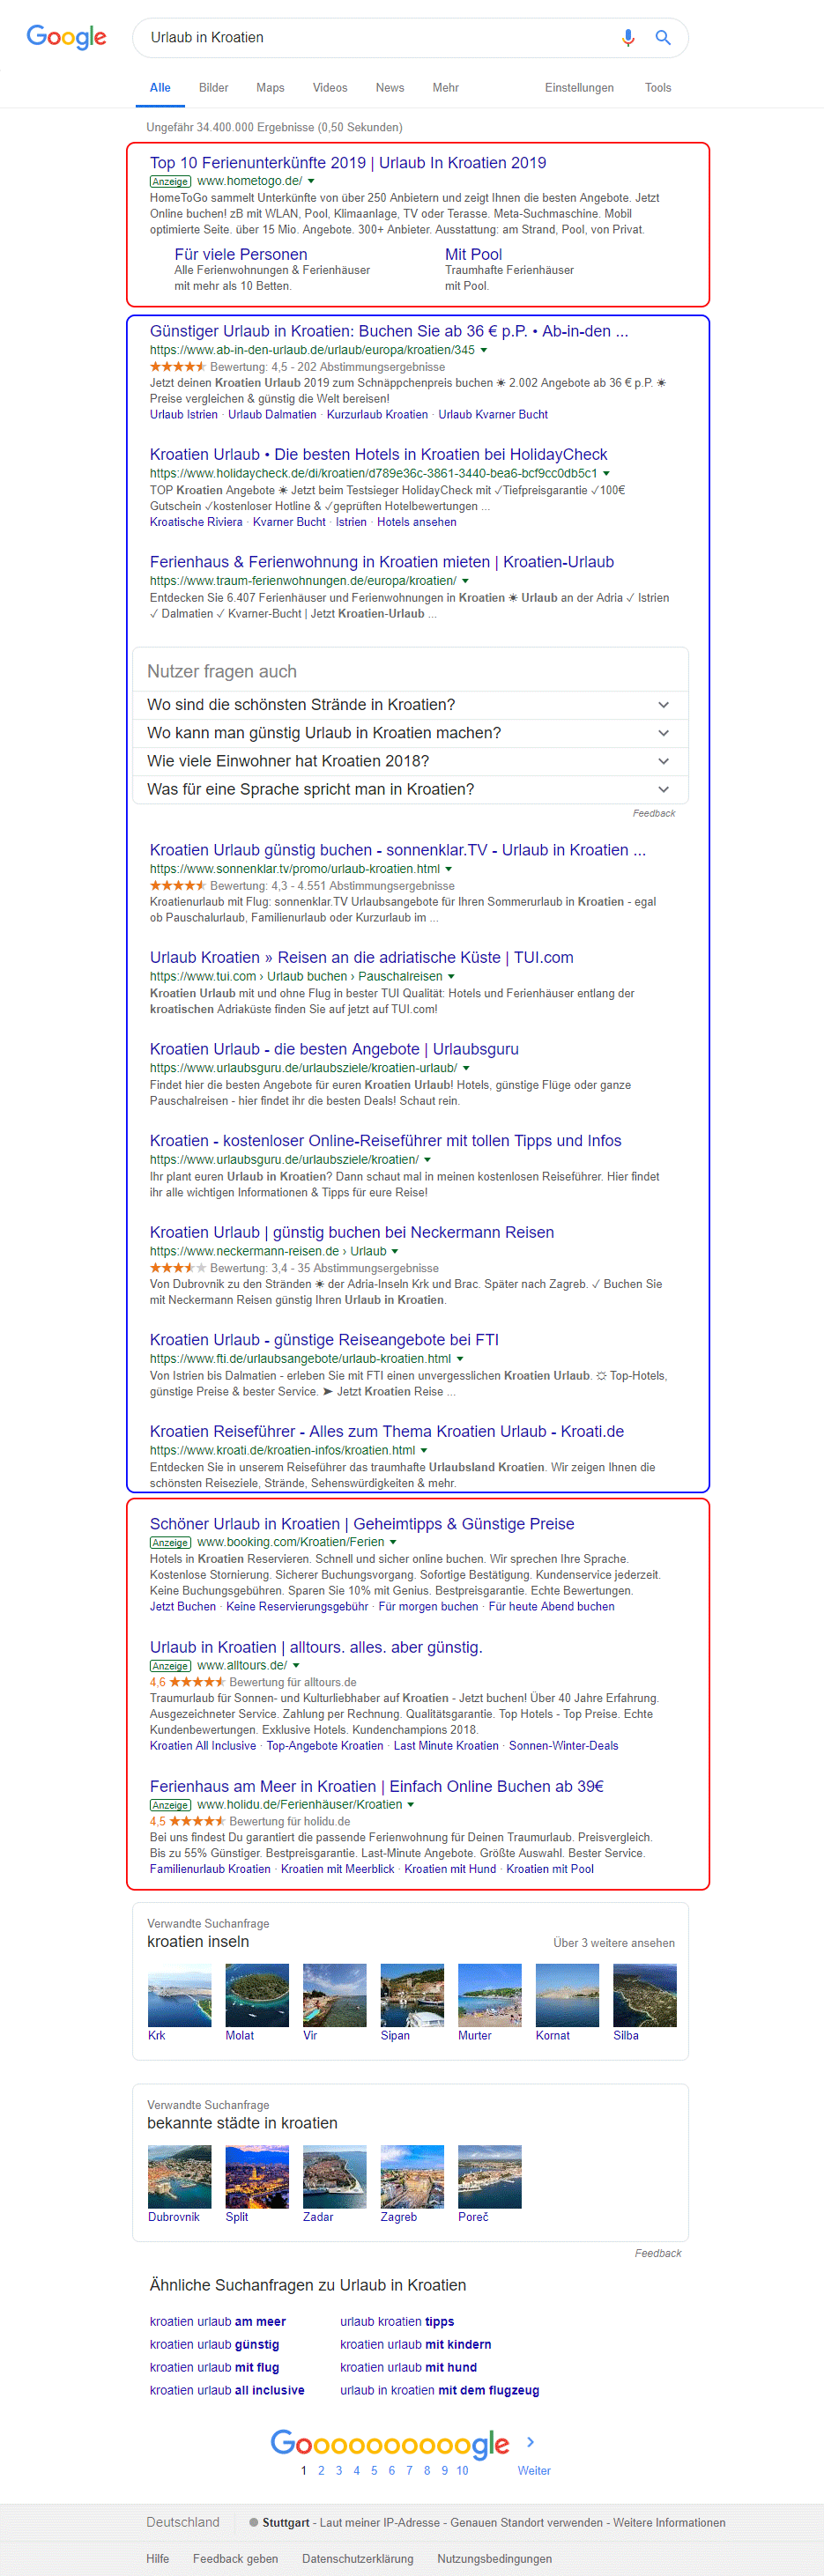 """Suchergebnisse """"Urlaub in Kroatien"""" Google"""